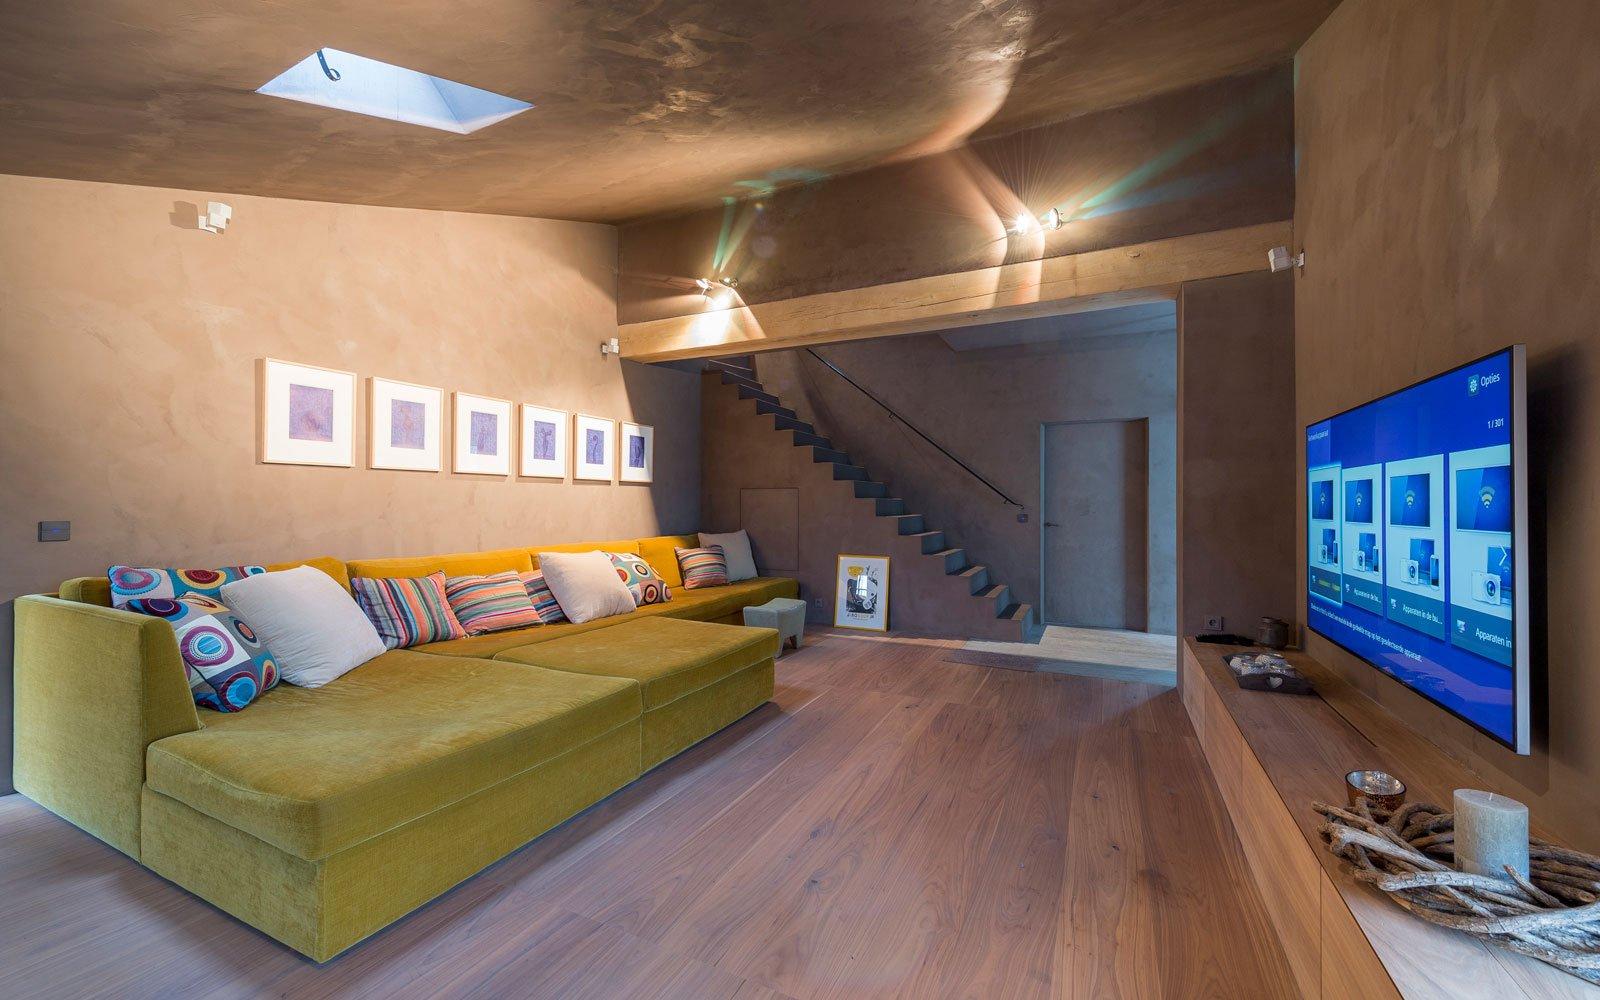 Televisie ruimte, houten vloer, kleurrijk interieur, herenhoeve, Bernard de Clerck